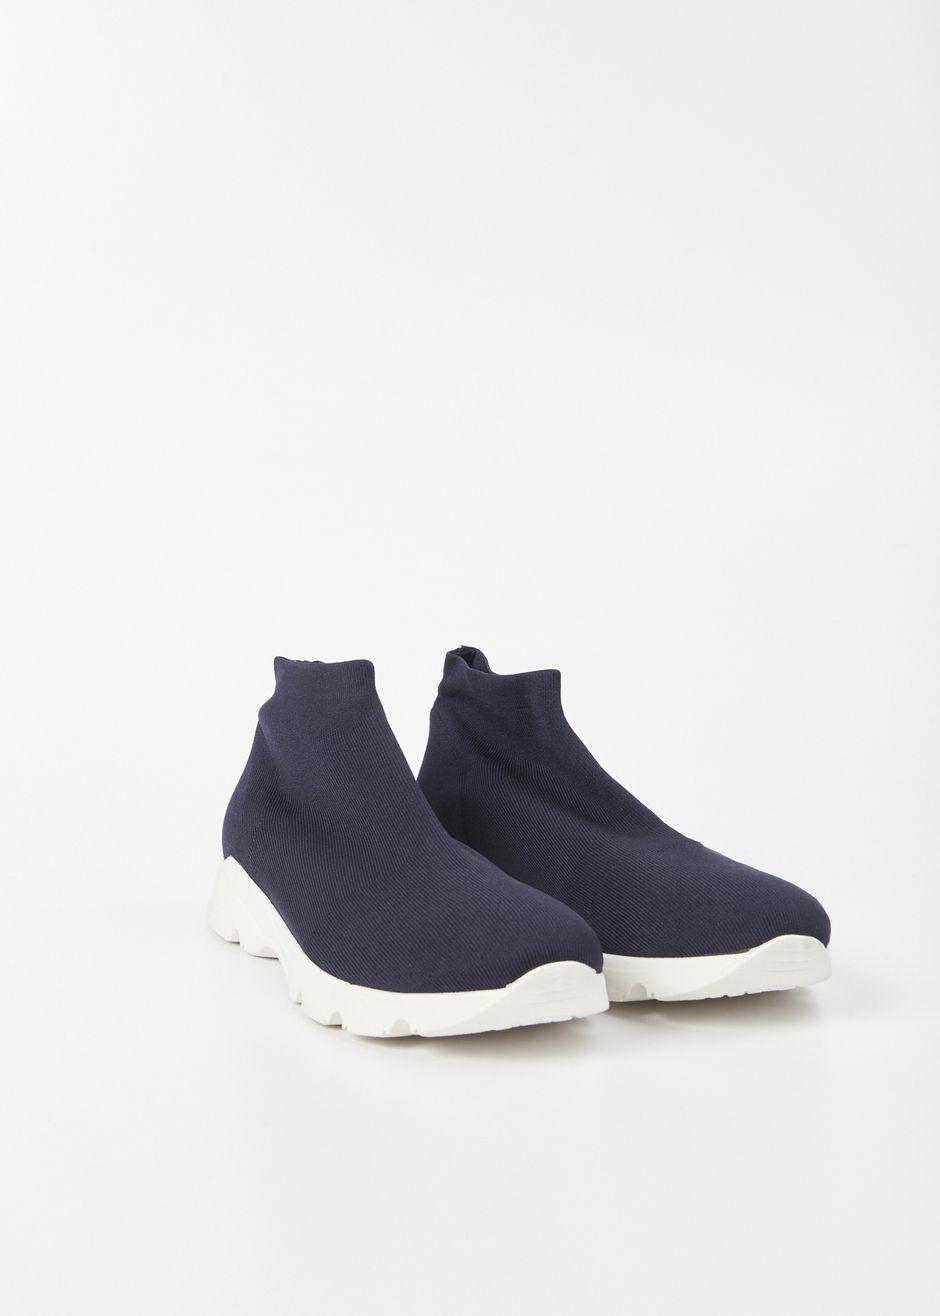 MM6 Maison Margiela Sock Sneaker (Navy